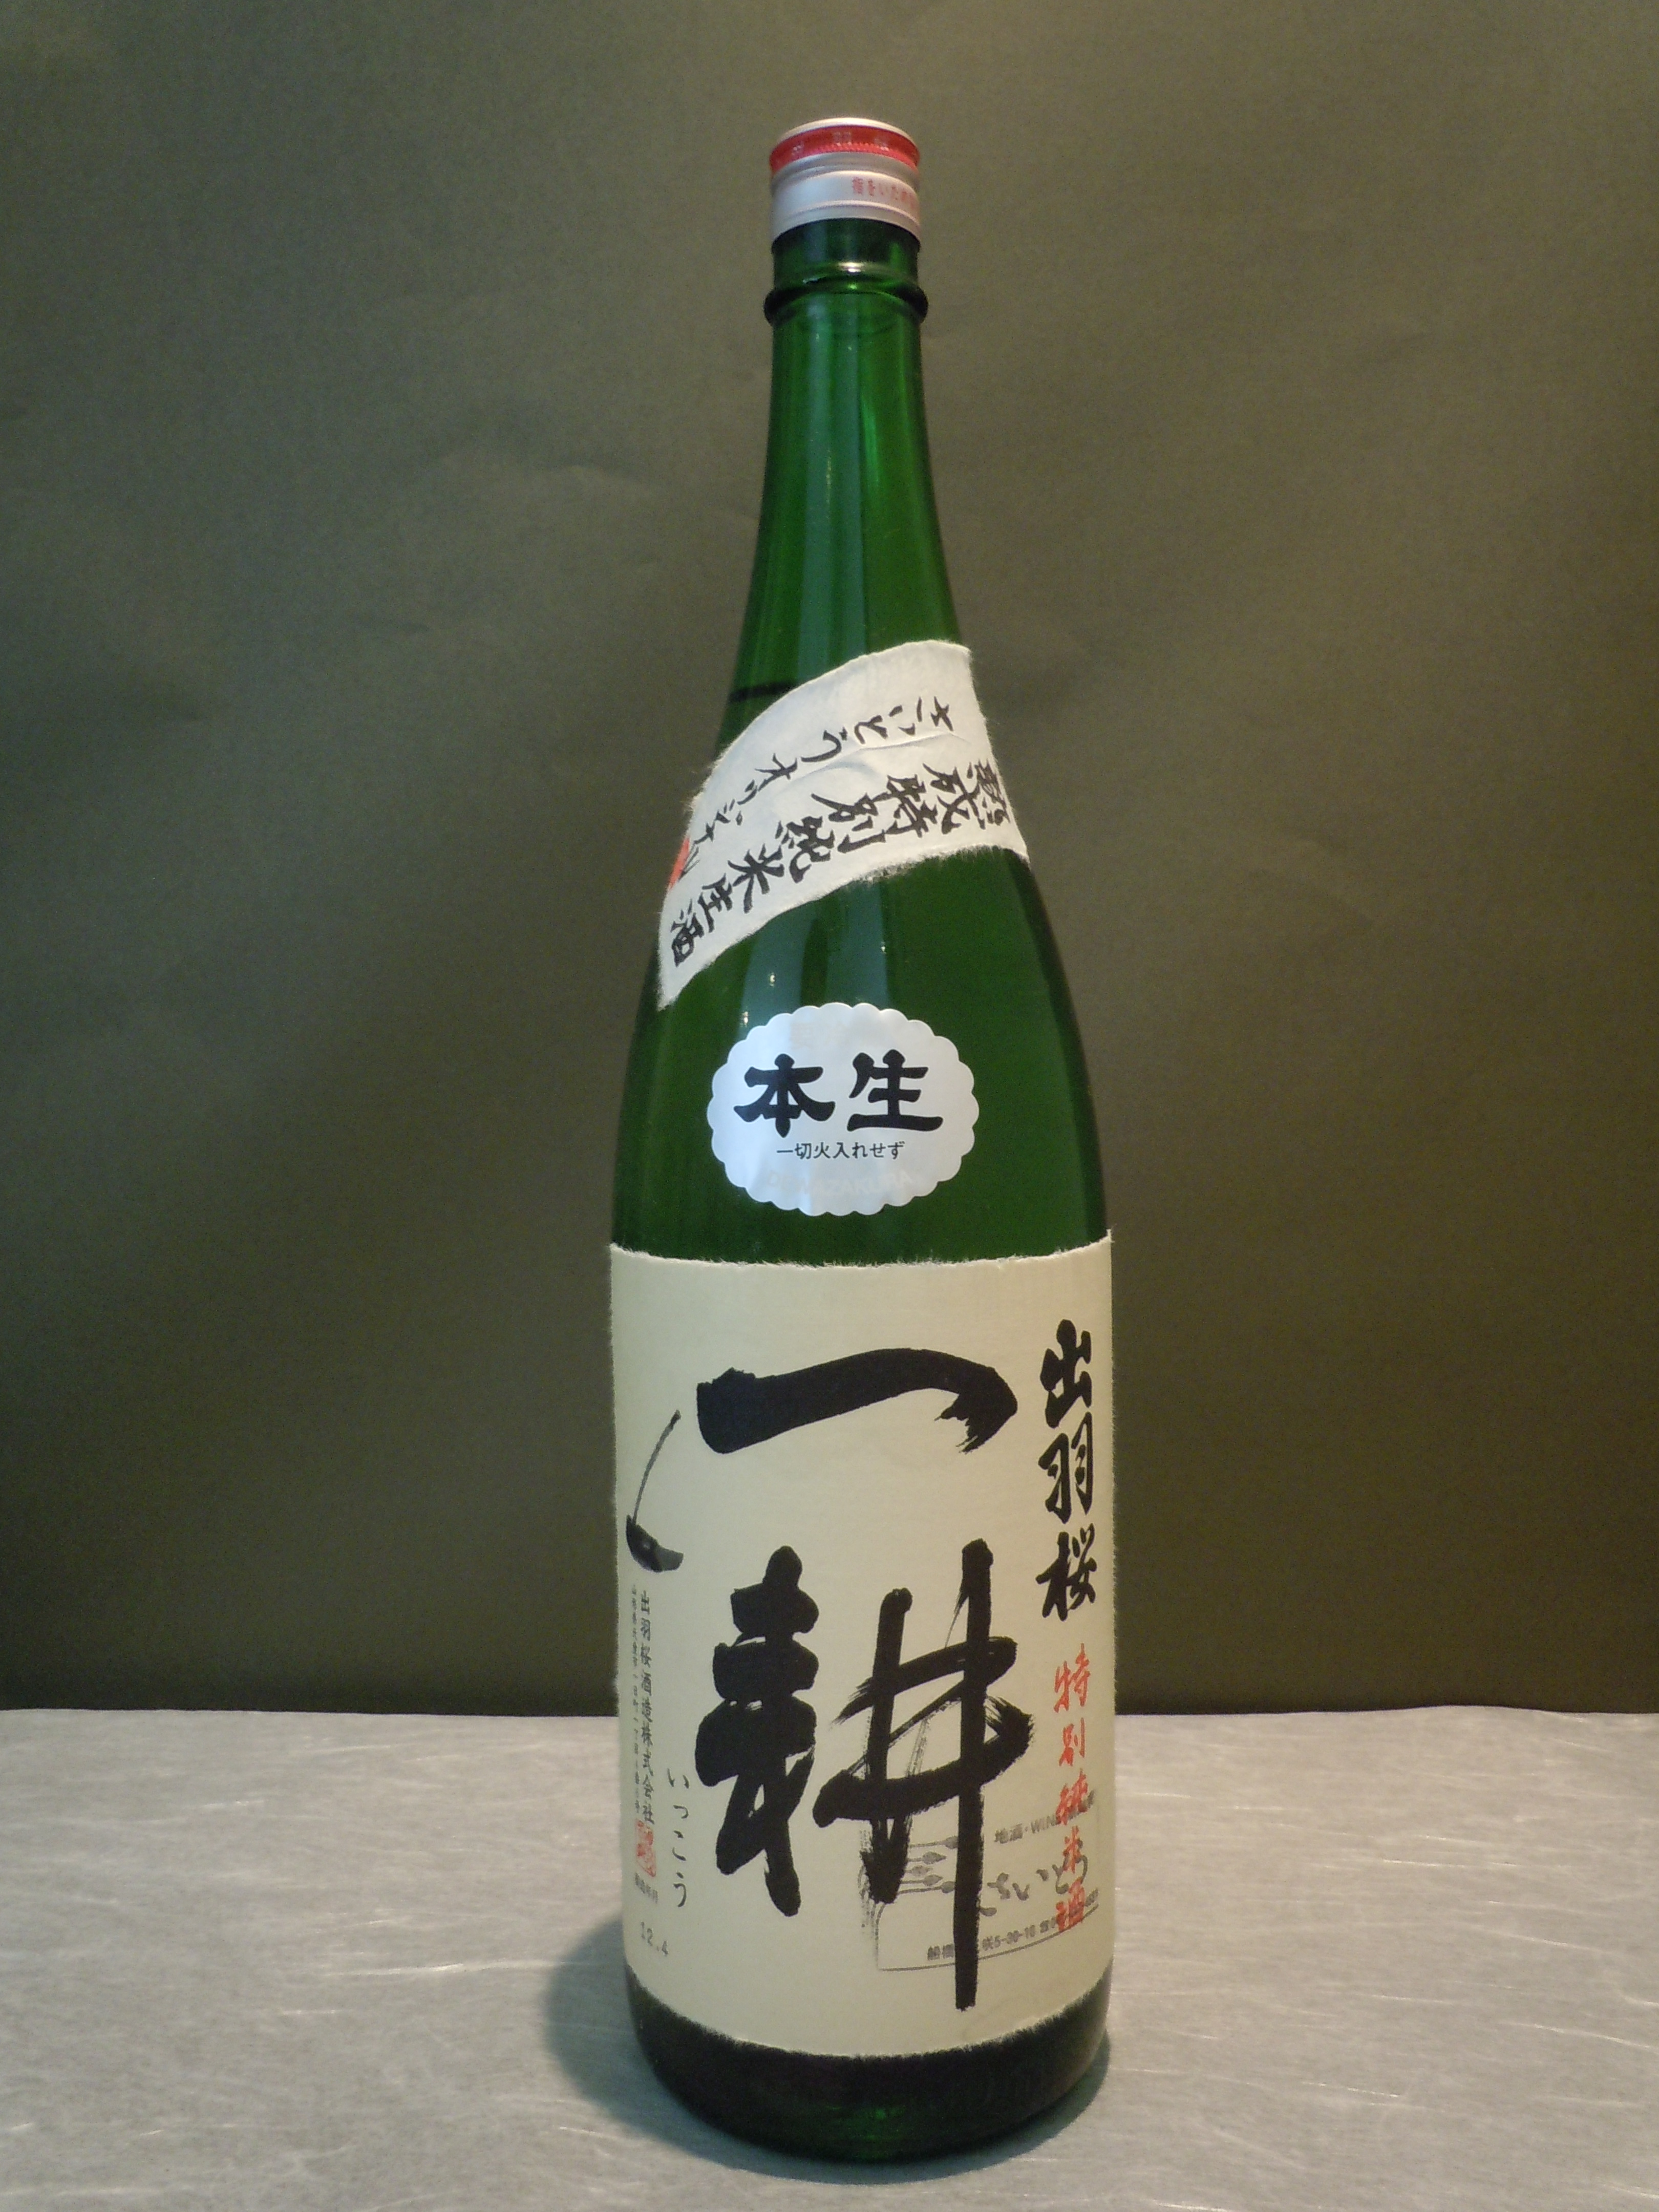 出羽桜 熟成特別純米生酒 一耕 本生 1.8ℓ